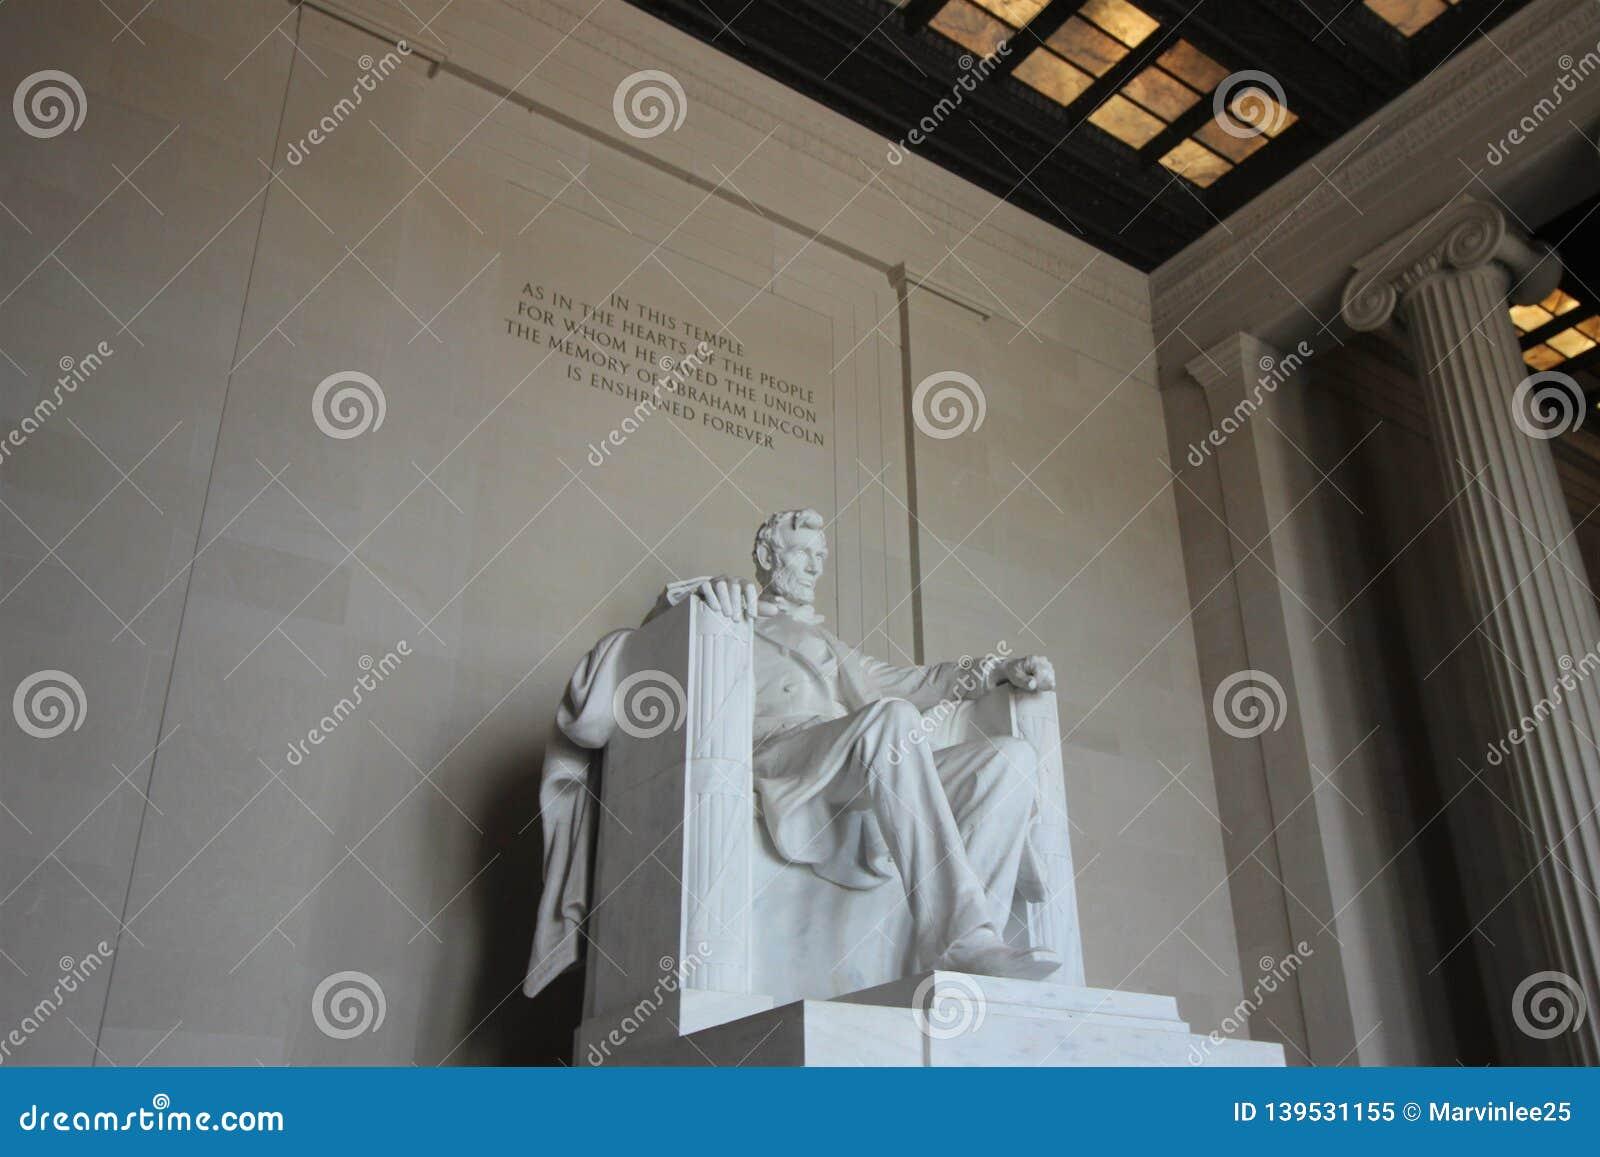 Статуя мемориала Линкольна